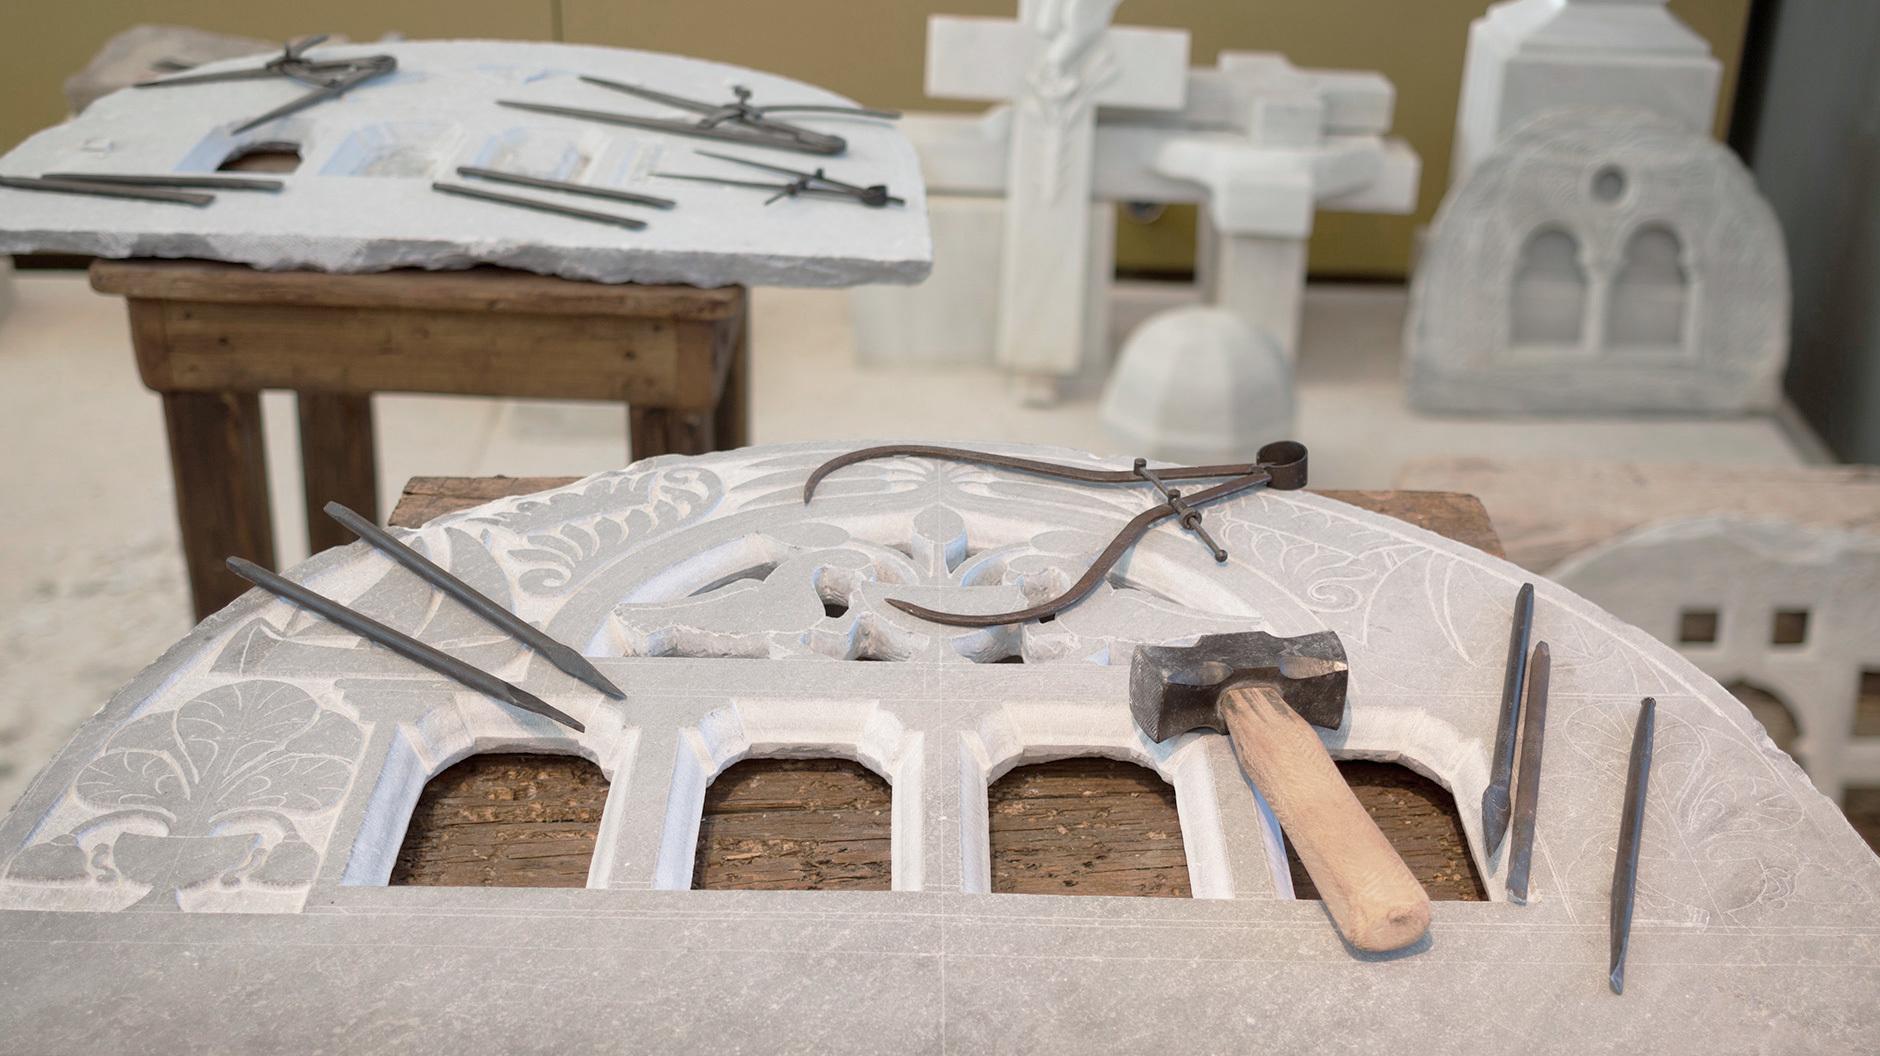 Das zweitwichtigste Handwerk sind die Werkzeugmacher, die die Bildhauer*innen mit Hammer und Meißel versorgen. Foto: PIOP, N. Daniilidis